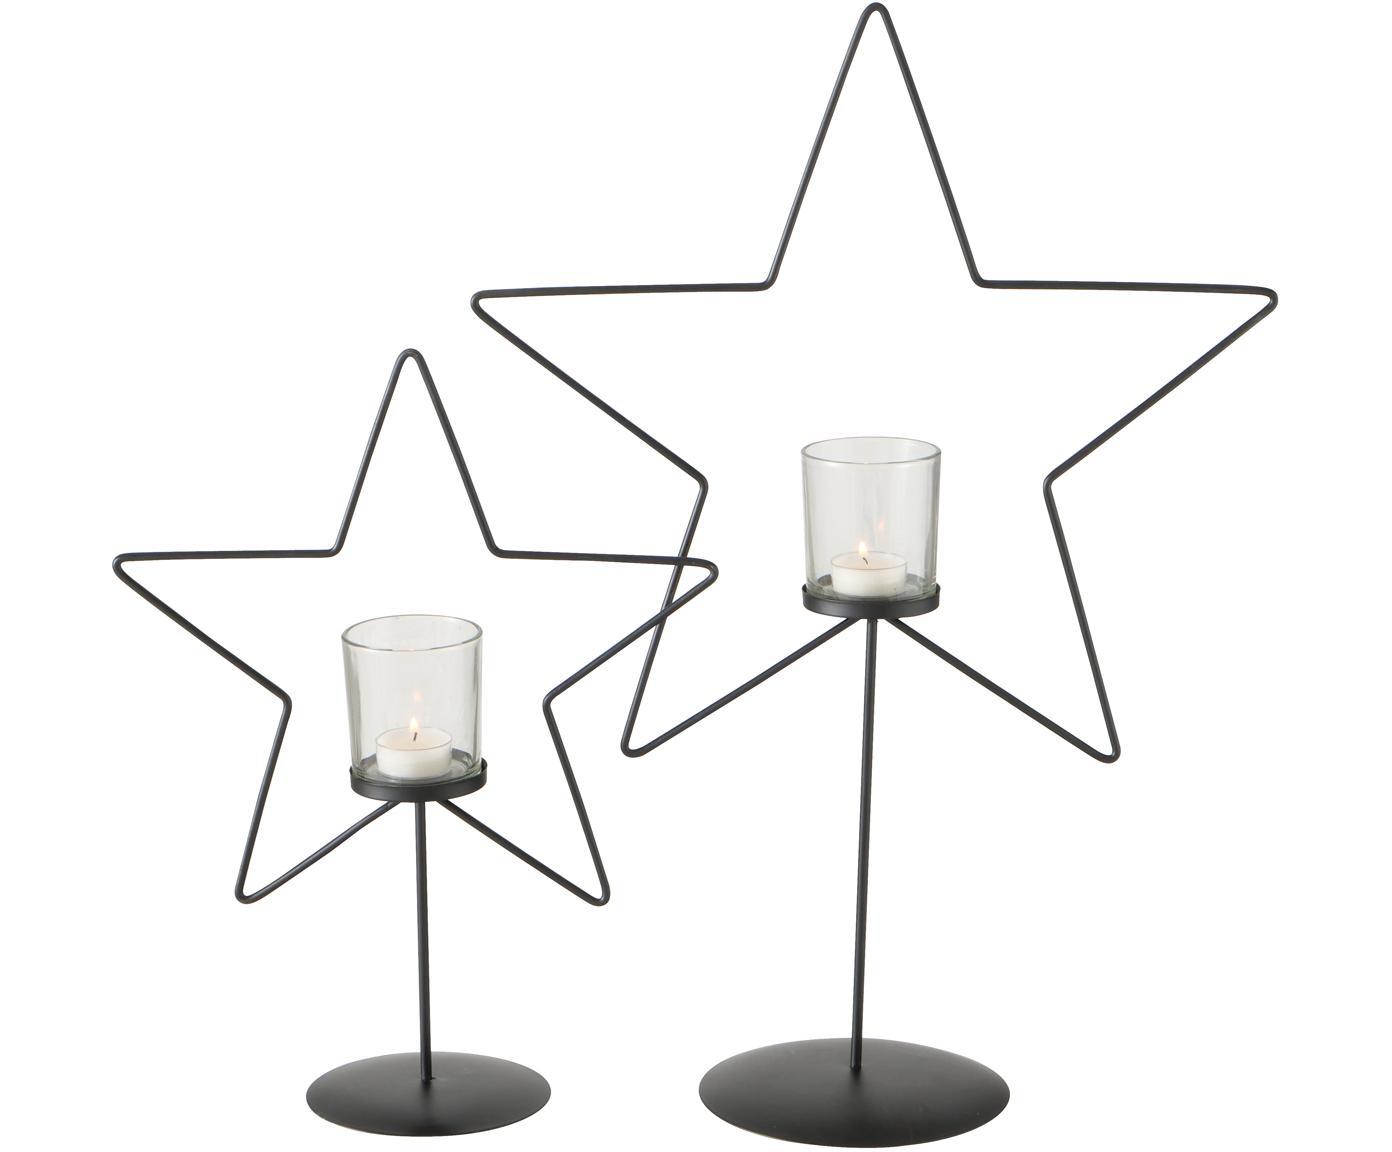 Waxinelichthoudersset Pina, 2-delig, Frame: gecoat metaal, Windlicht: glas, Antraciet, transparant, Set met verschillende formaten